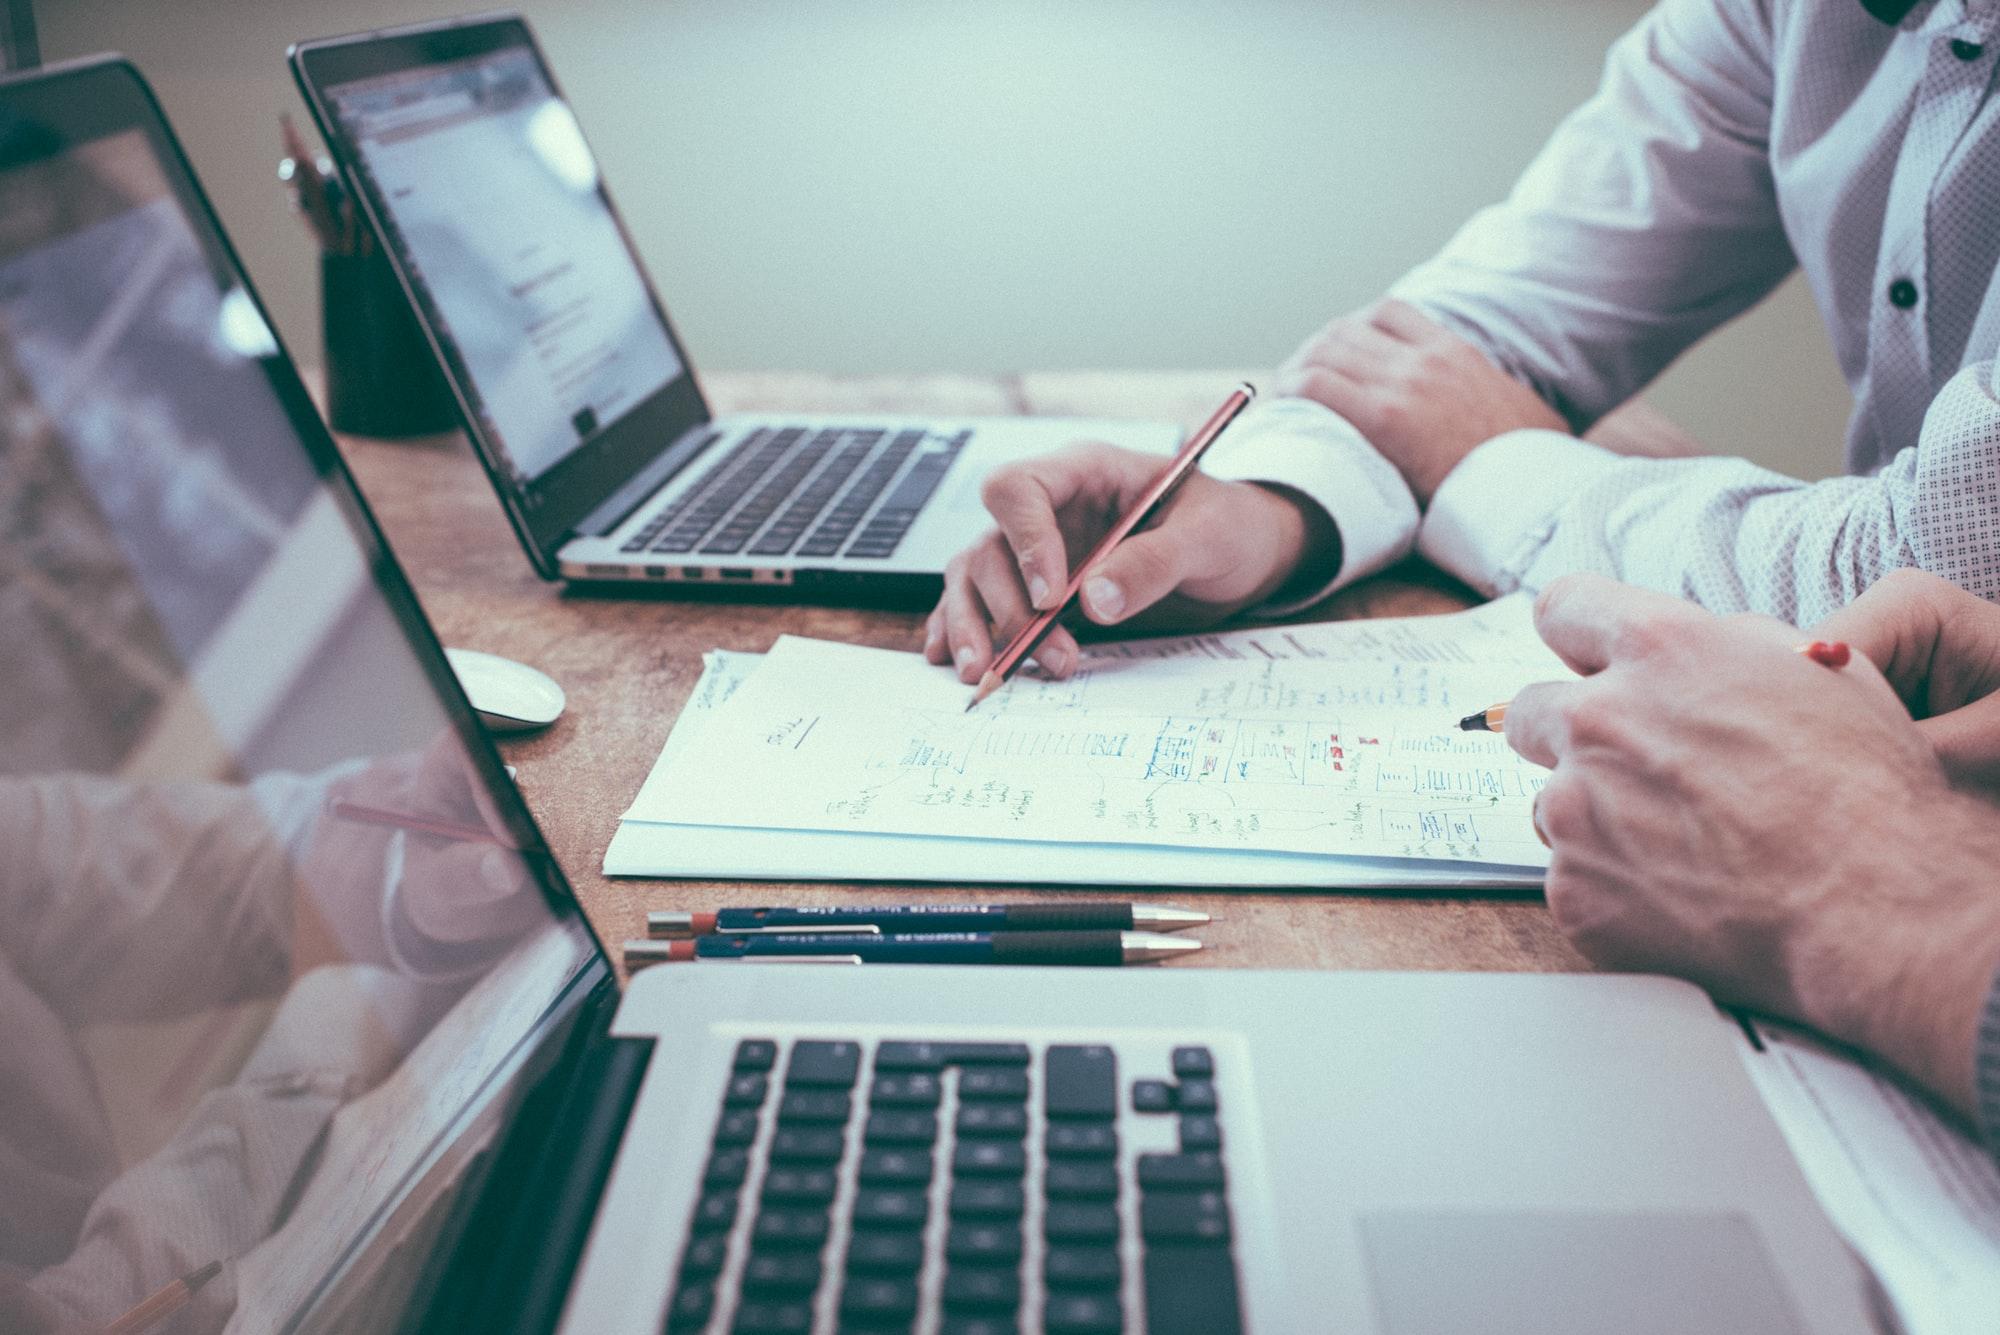 Tại sao phần mềm chỉ có CRUD database lại có giá triệu đô?